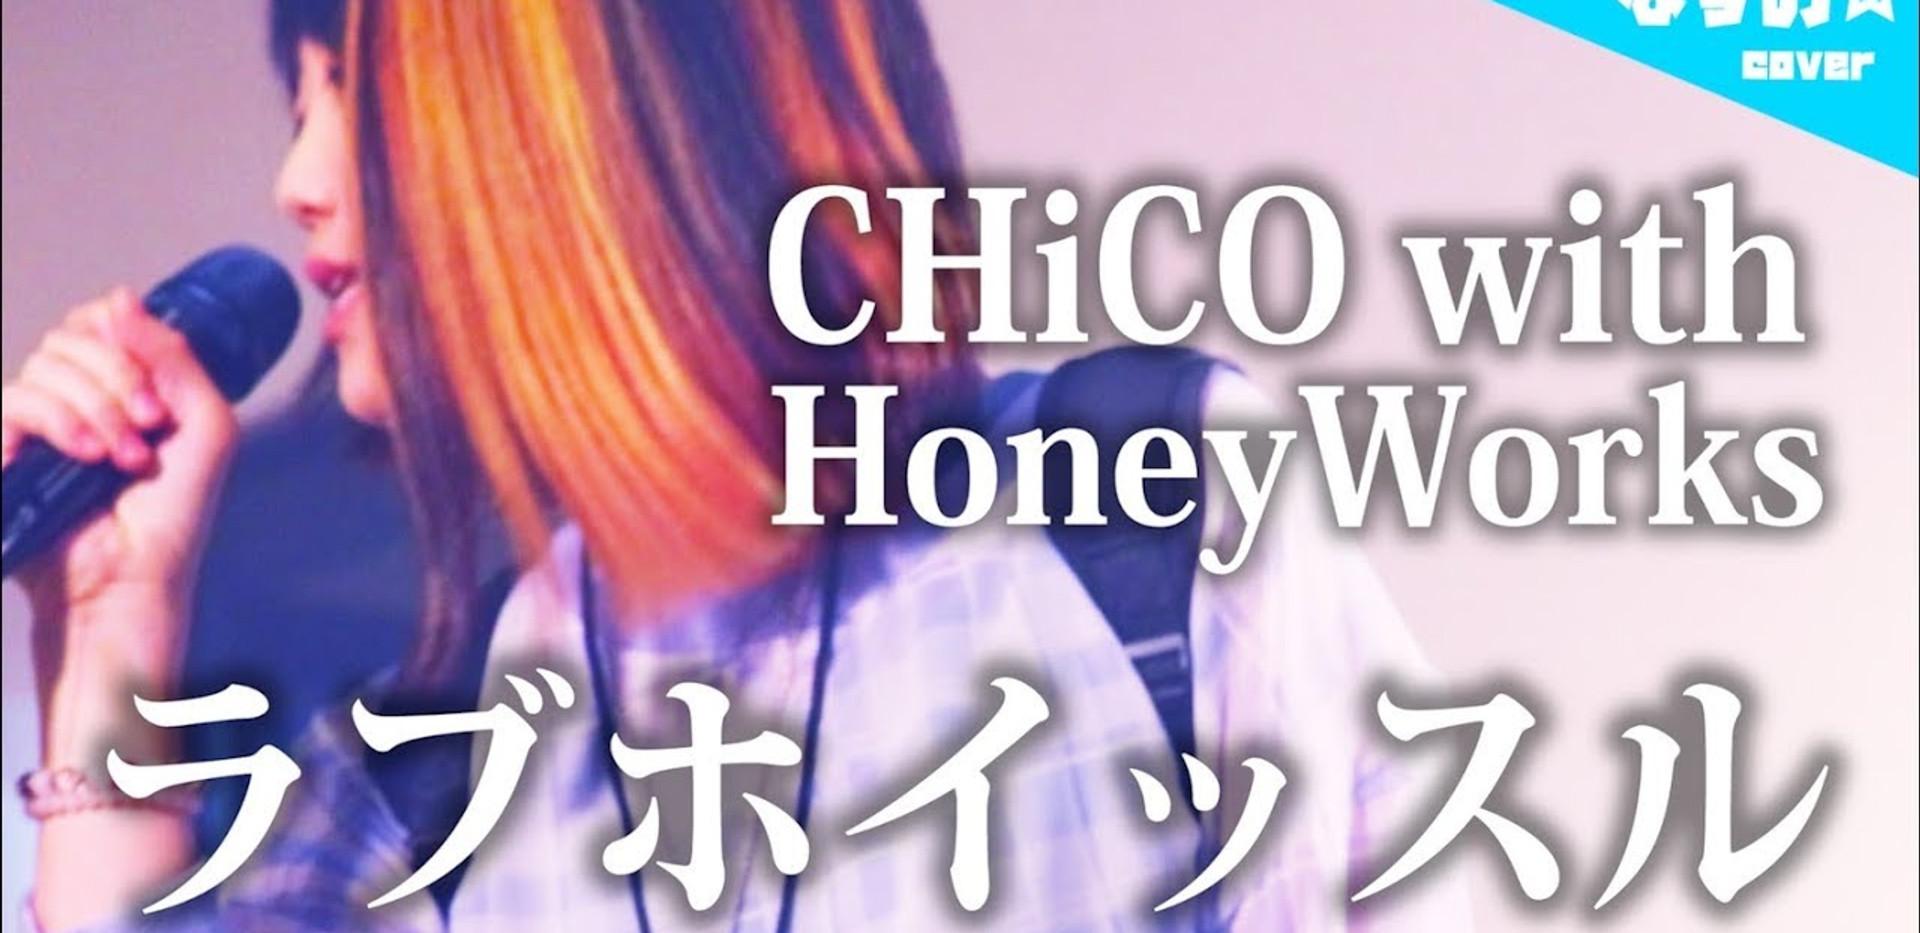 【フル】CHiCO with HoneyWorks - ラブホイッスル (シングル「ツインズ」収録曲) なすお☆cover